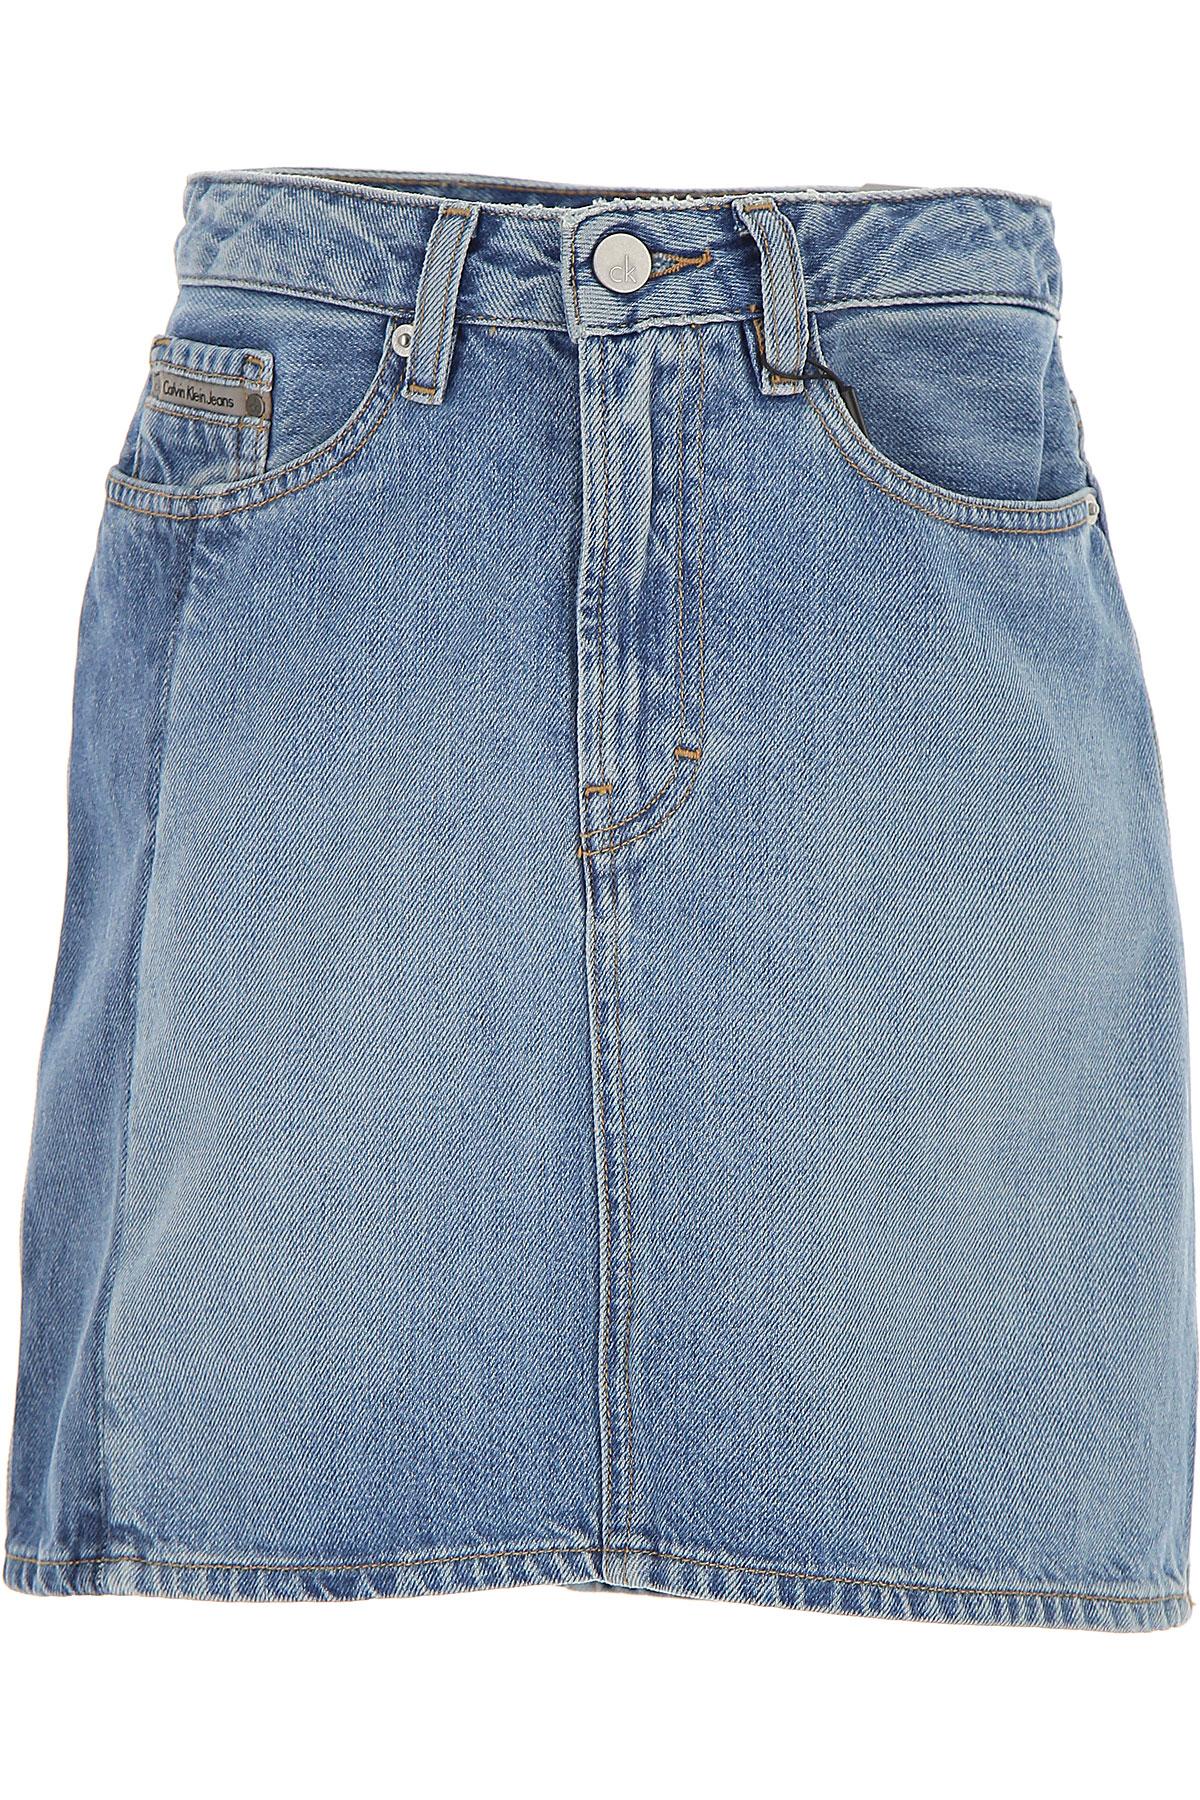 Image of Calvin Klein Skirt for Women On Sale, Denim, Cotton, 2017, 25 26 27 28